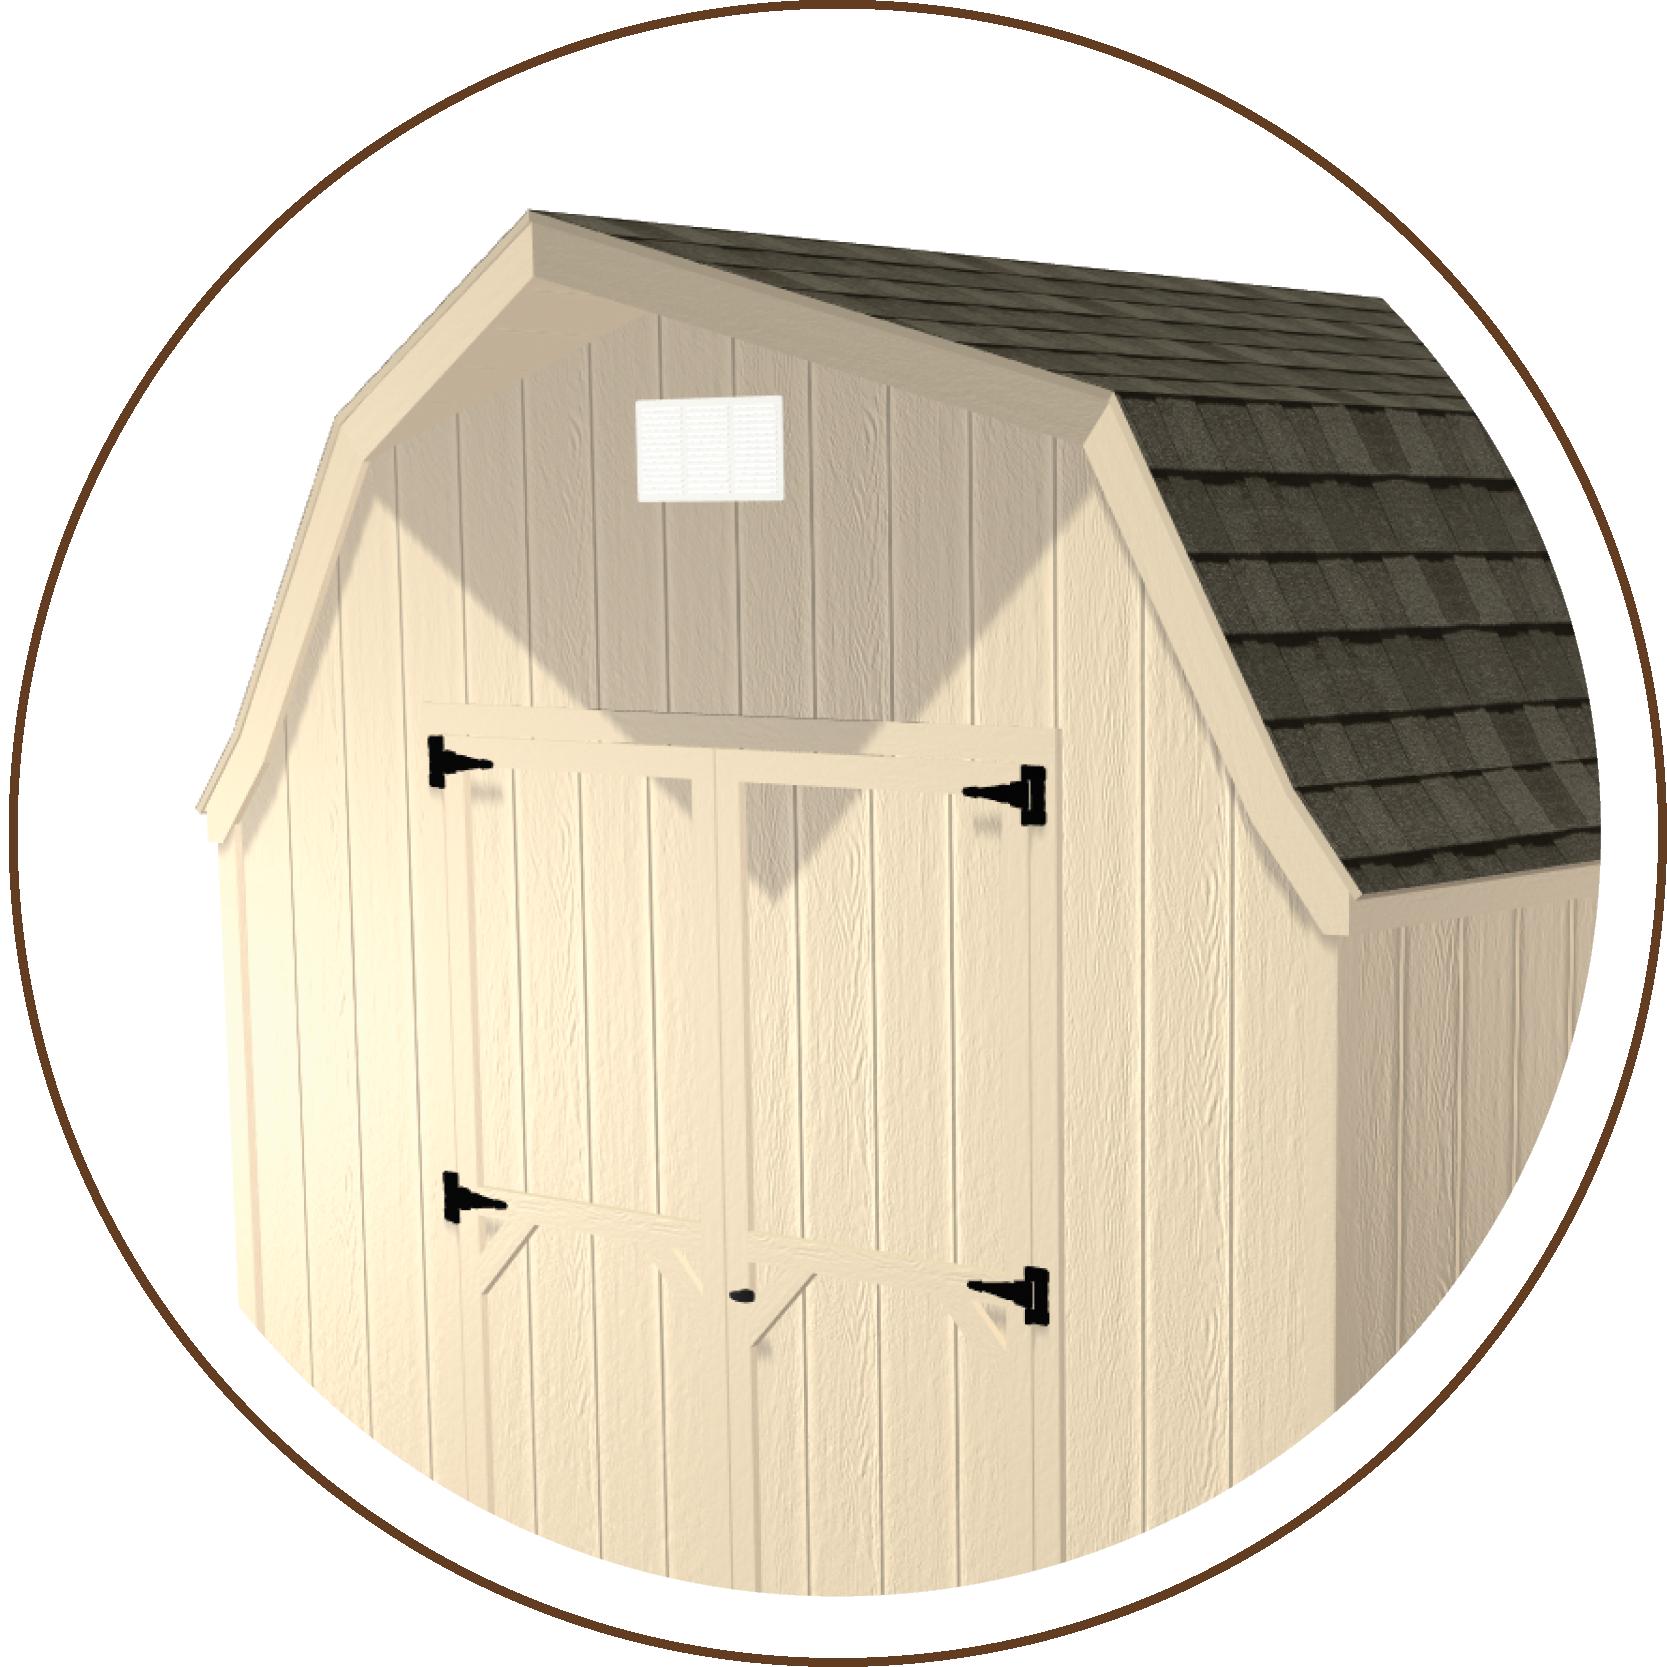 High Barn Roofline, Low Barn, Ranch Gable or Quaker Gable Roofline